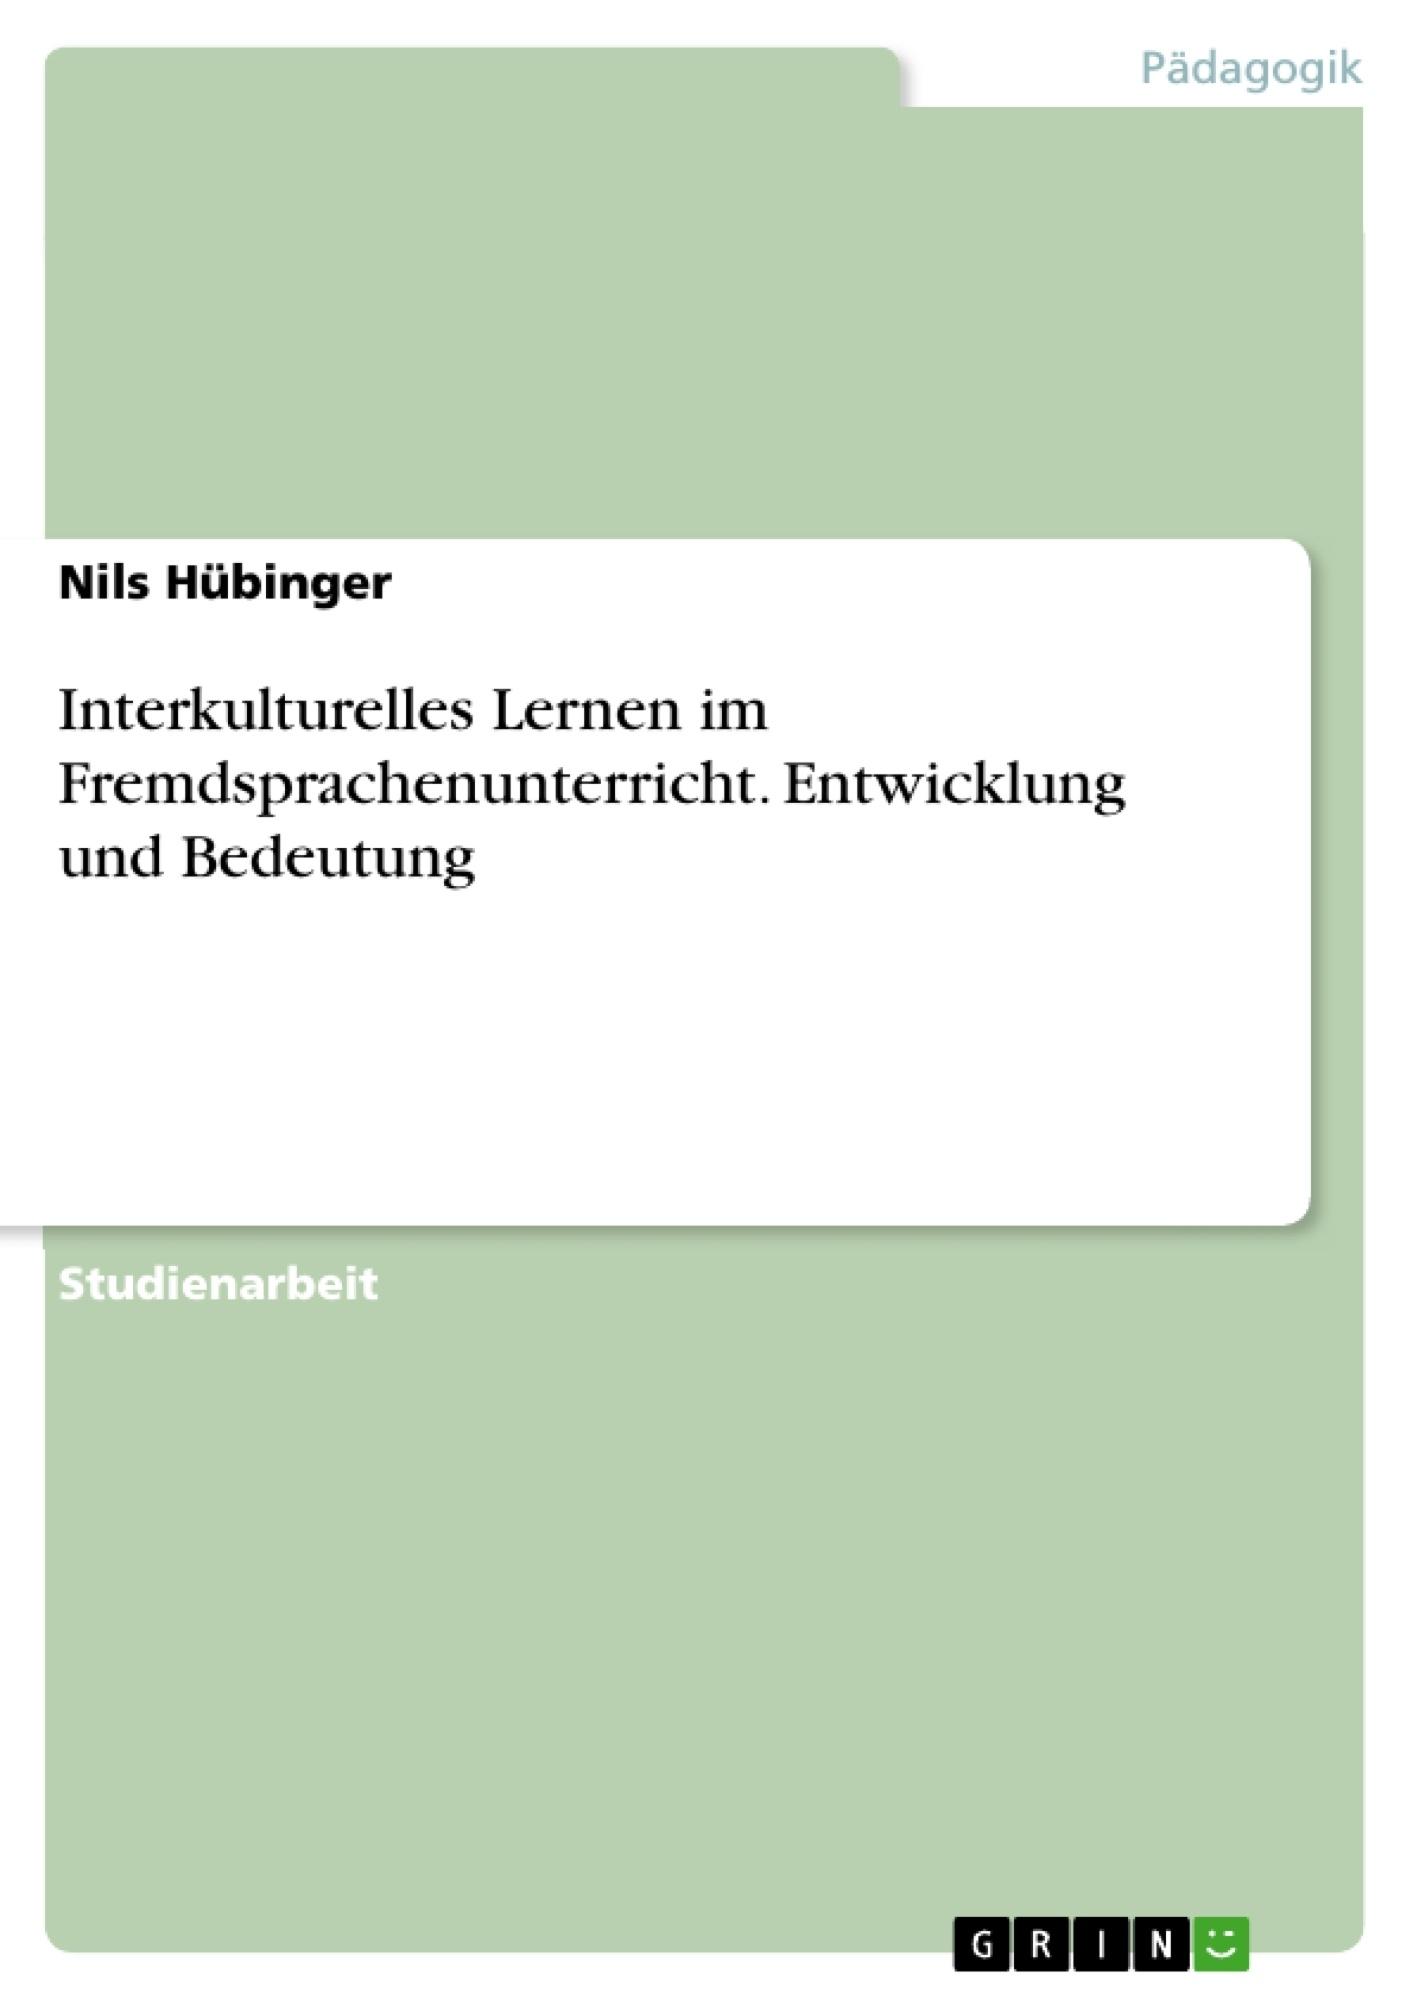 Titel: Interkulturelles Lernen im Fremdsprachenunterricht. Entwicklung und Bedeutung